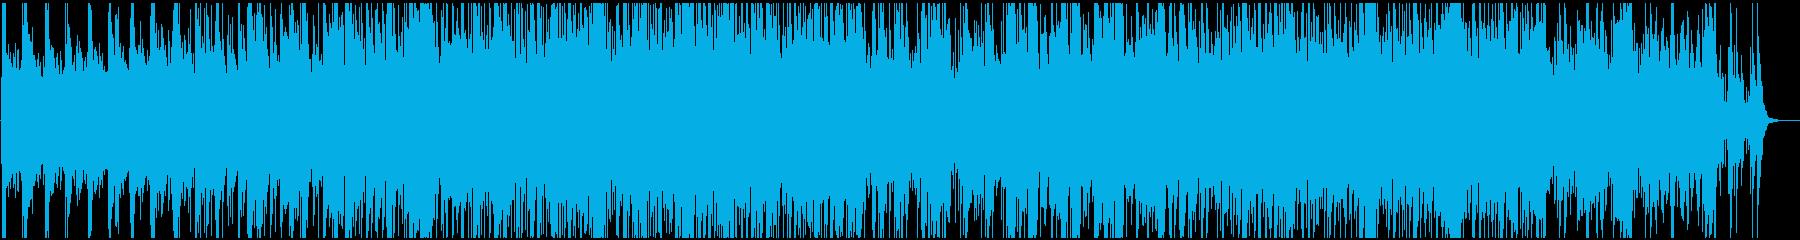 フィドルバイオリンによる酒場風の曲の再生済みの波形